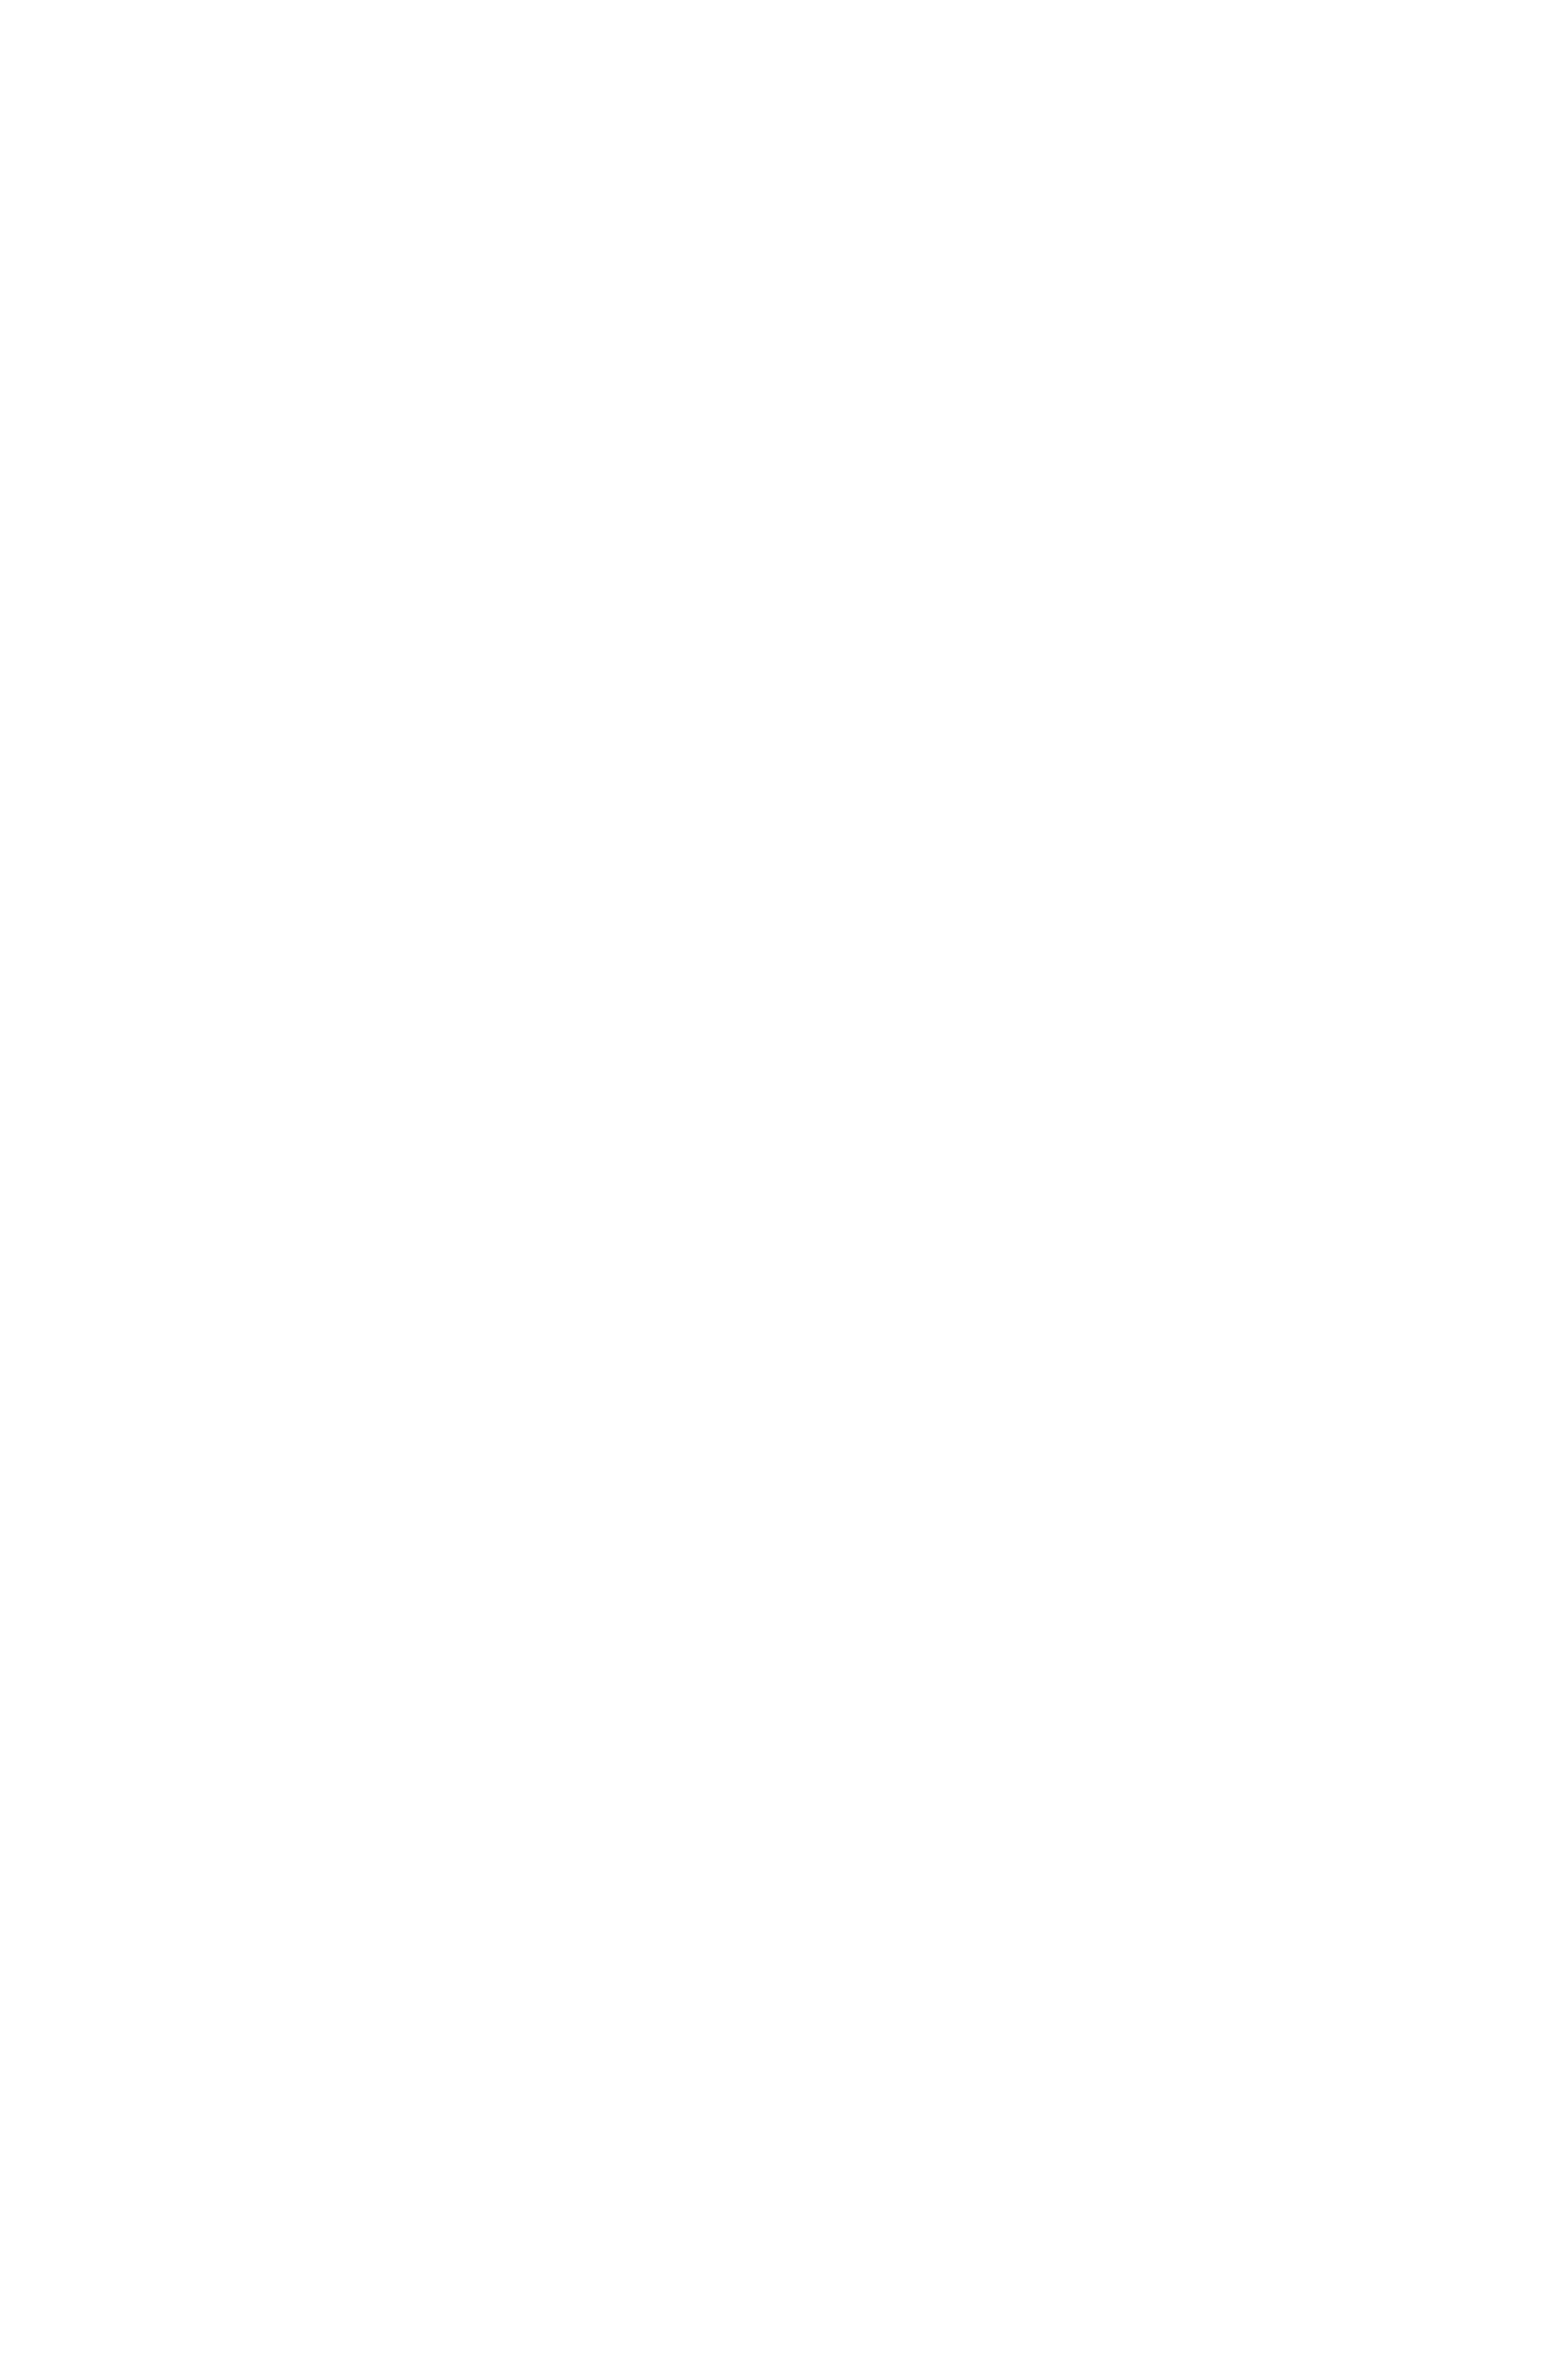 NQA ISO 14001